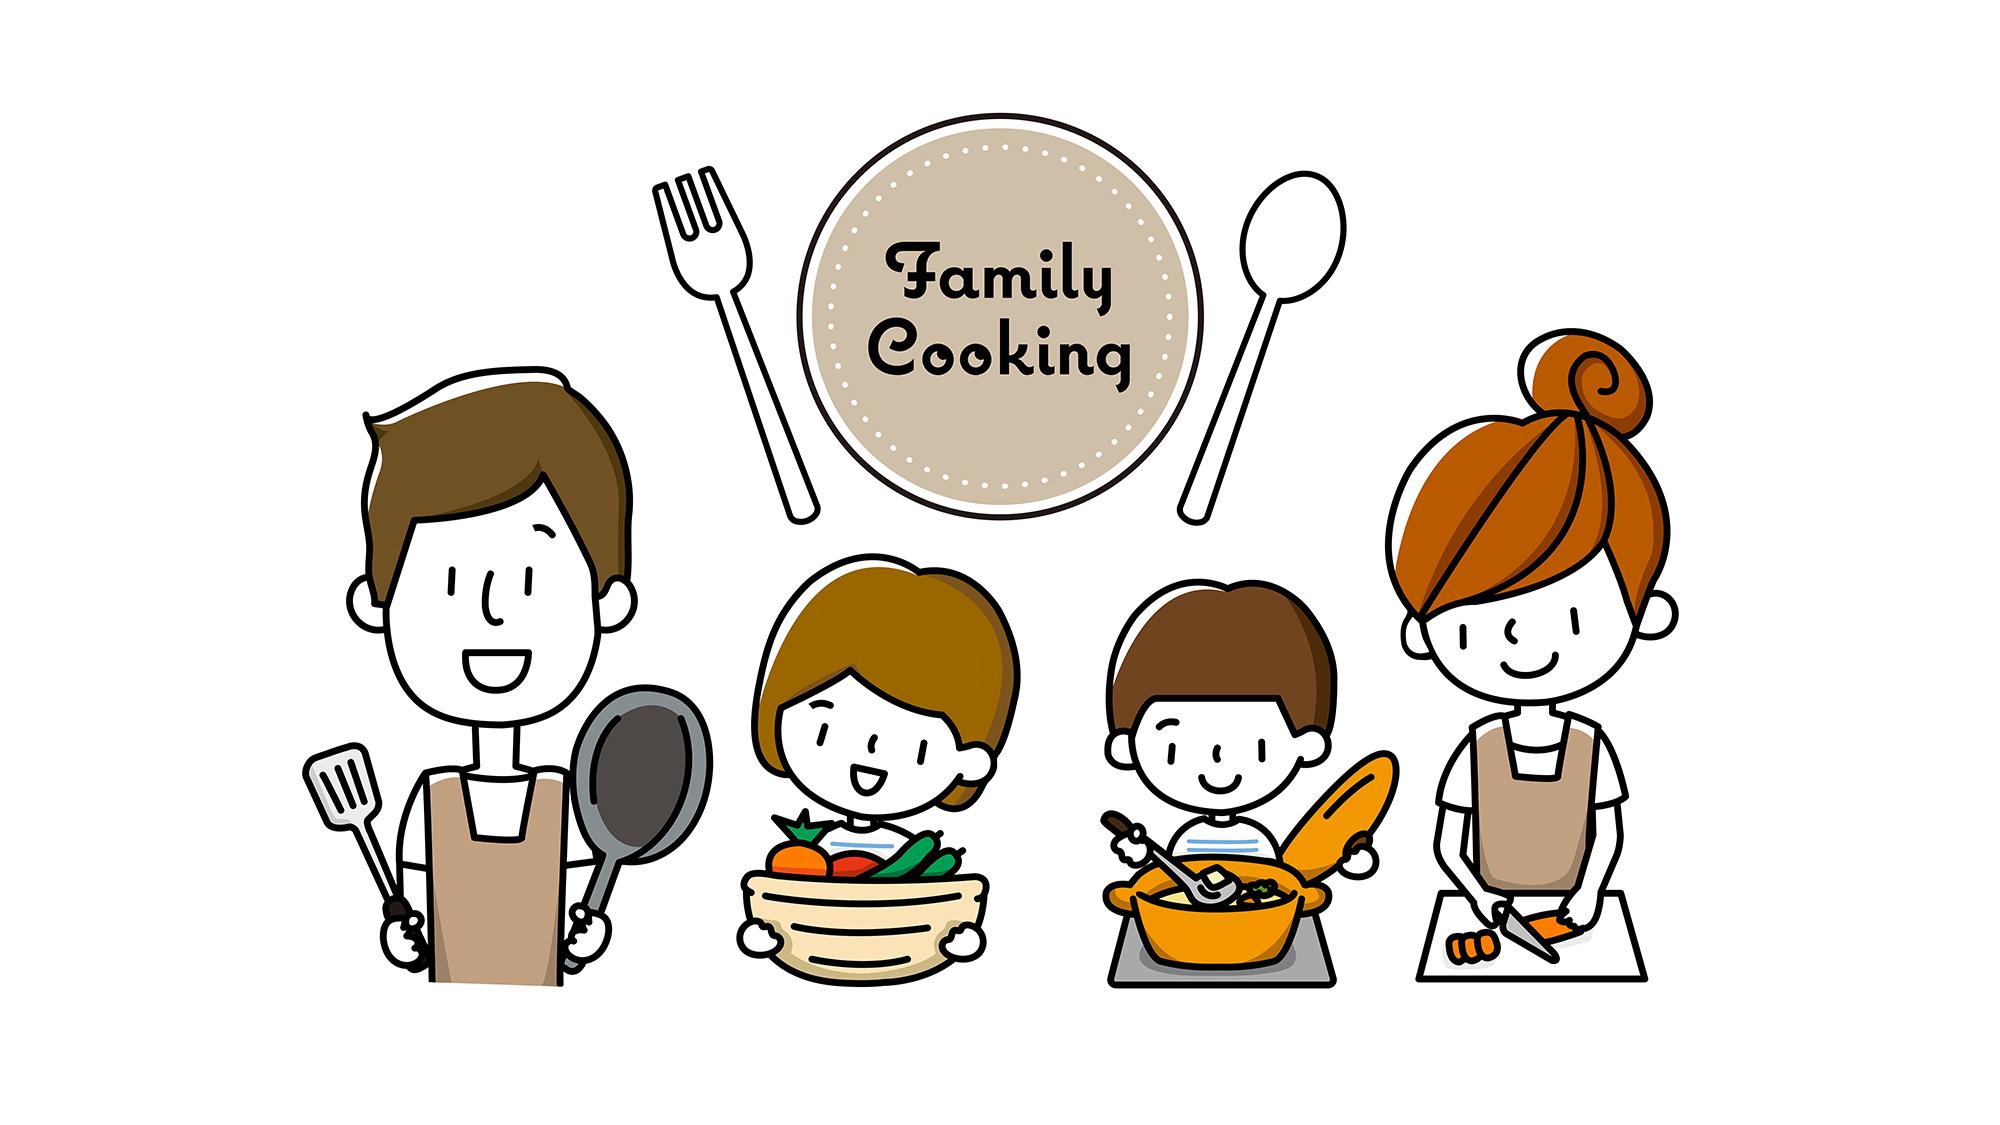 家族でク料理するイラスト